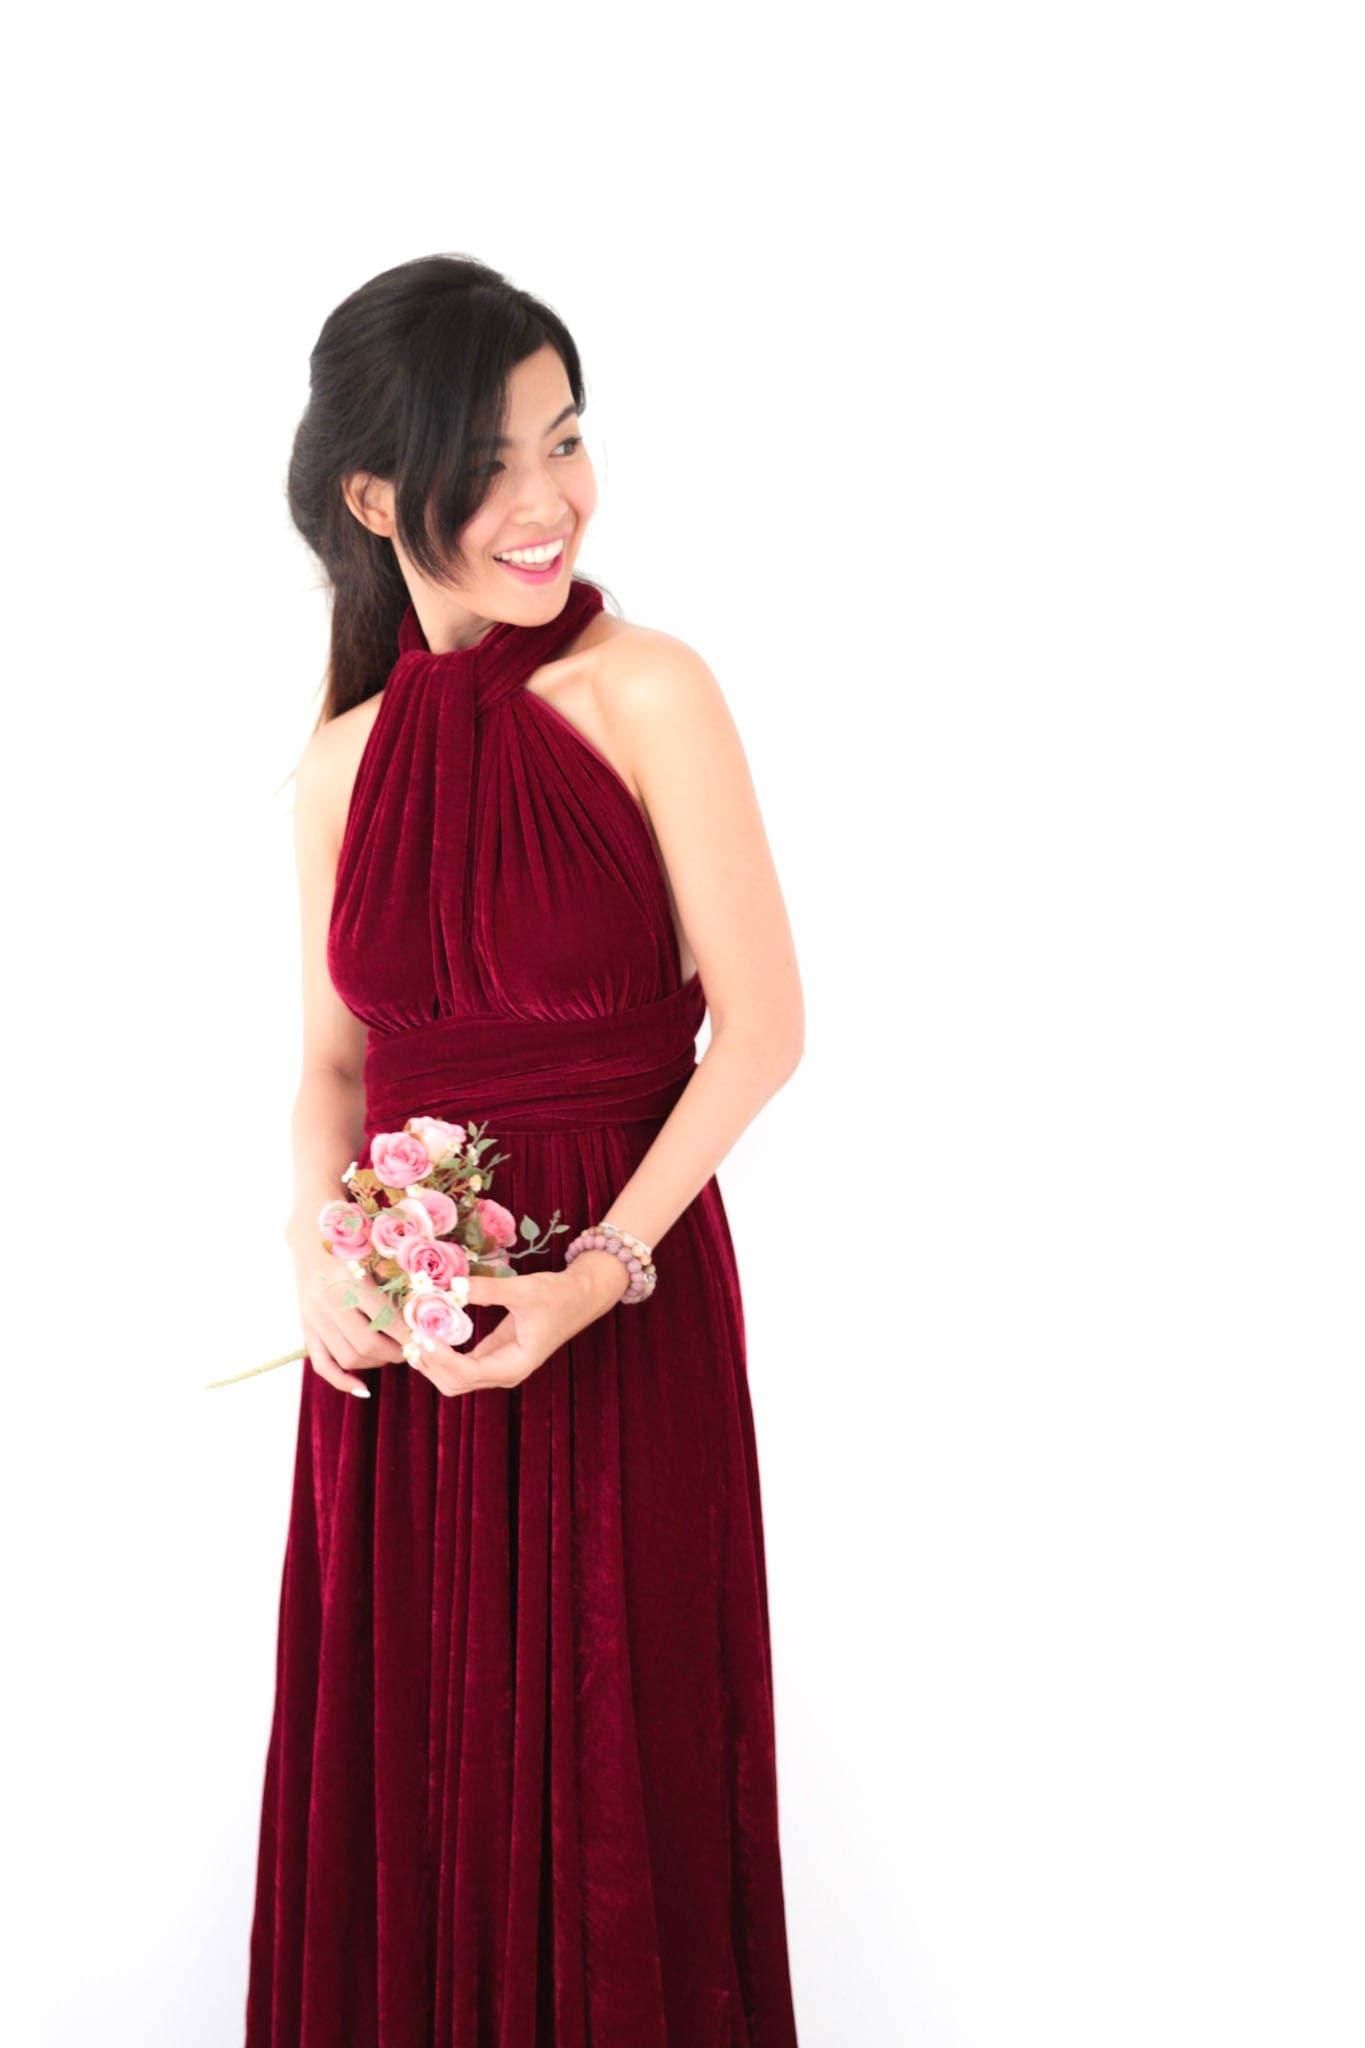 Wein samt Kleid Cabrio rotem Samt Brautjungfernkleid Kleid